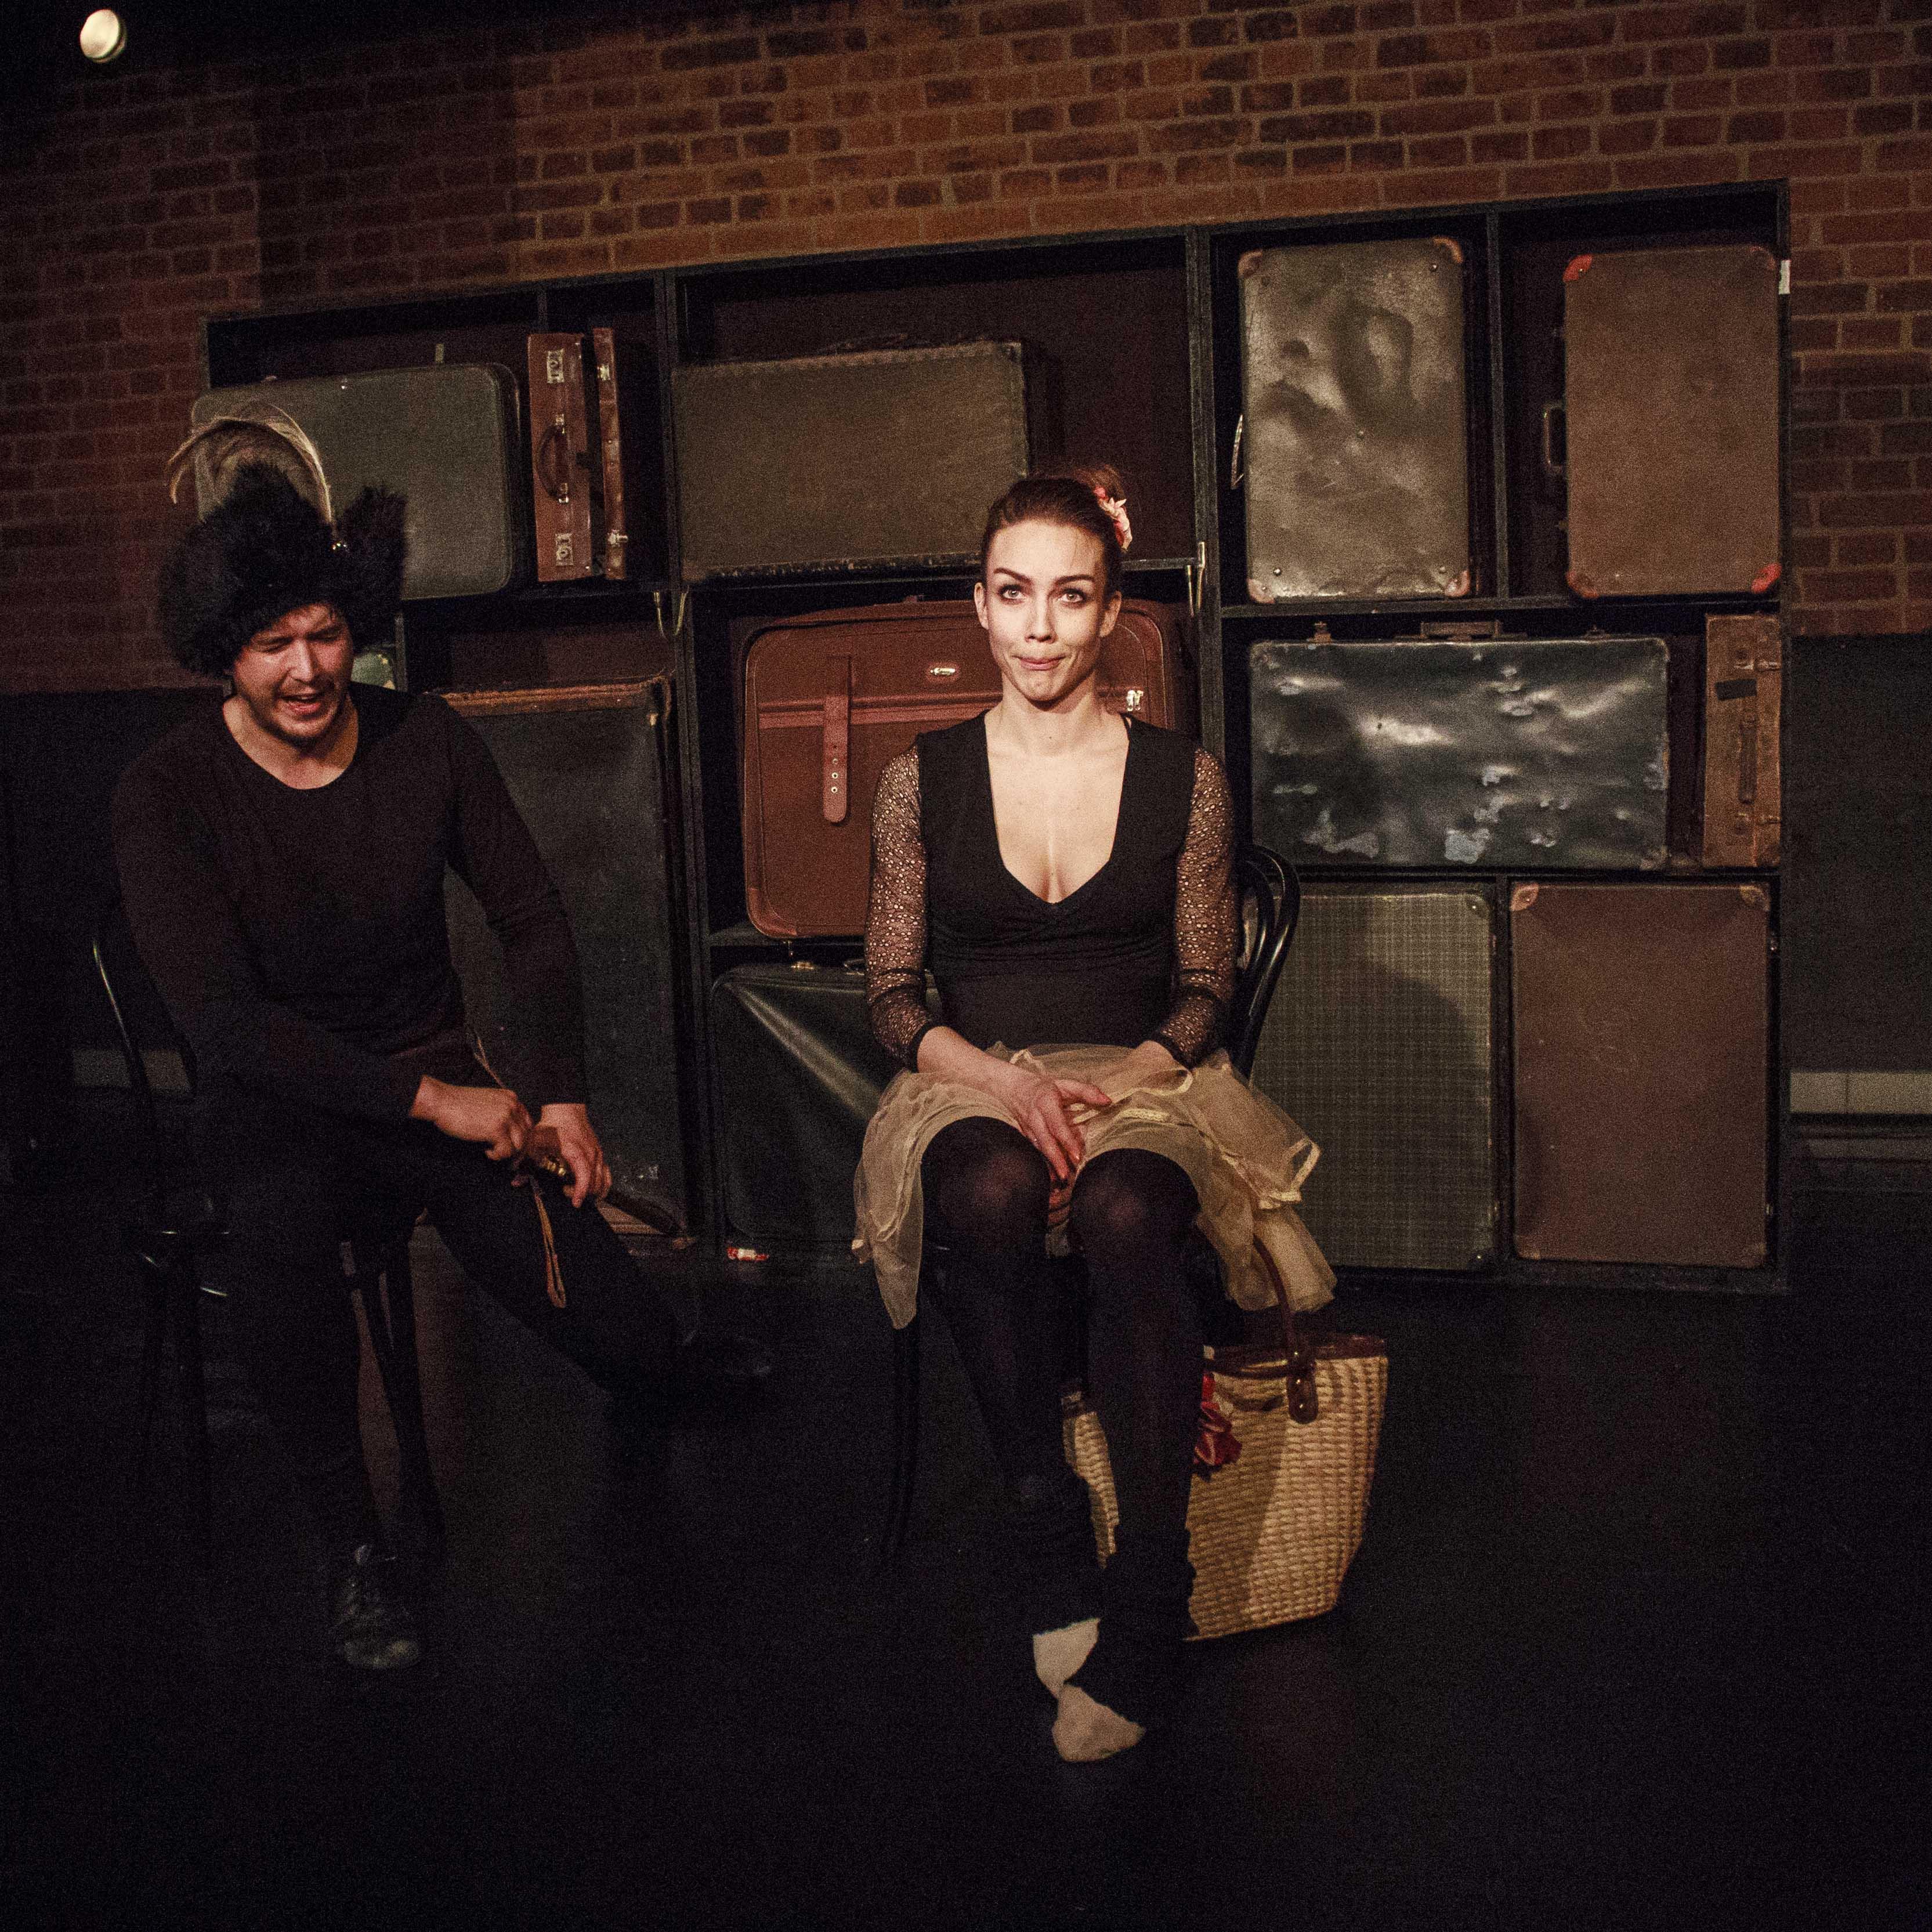 Zdjecie do spektaklu Emigrantka. Mężcyzna po lewo w futrzanej czapcez piórem i szablą przy boku. Po prawo aktorka z wyplataną torbą.